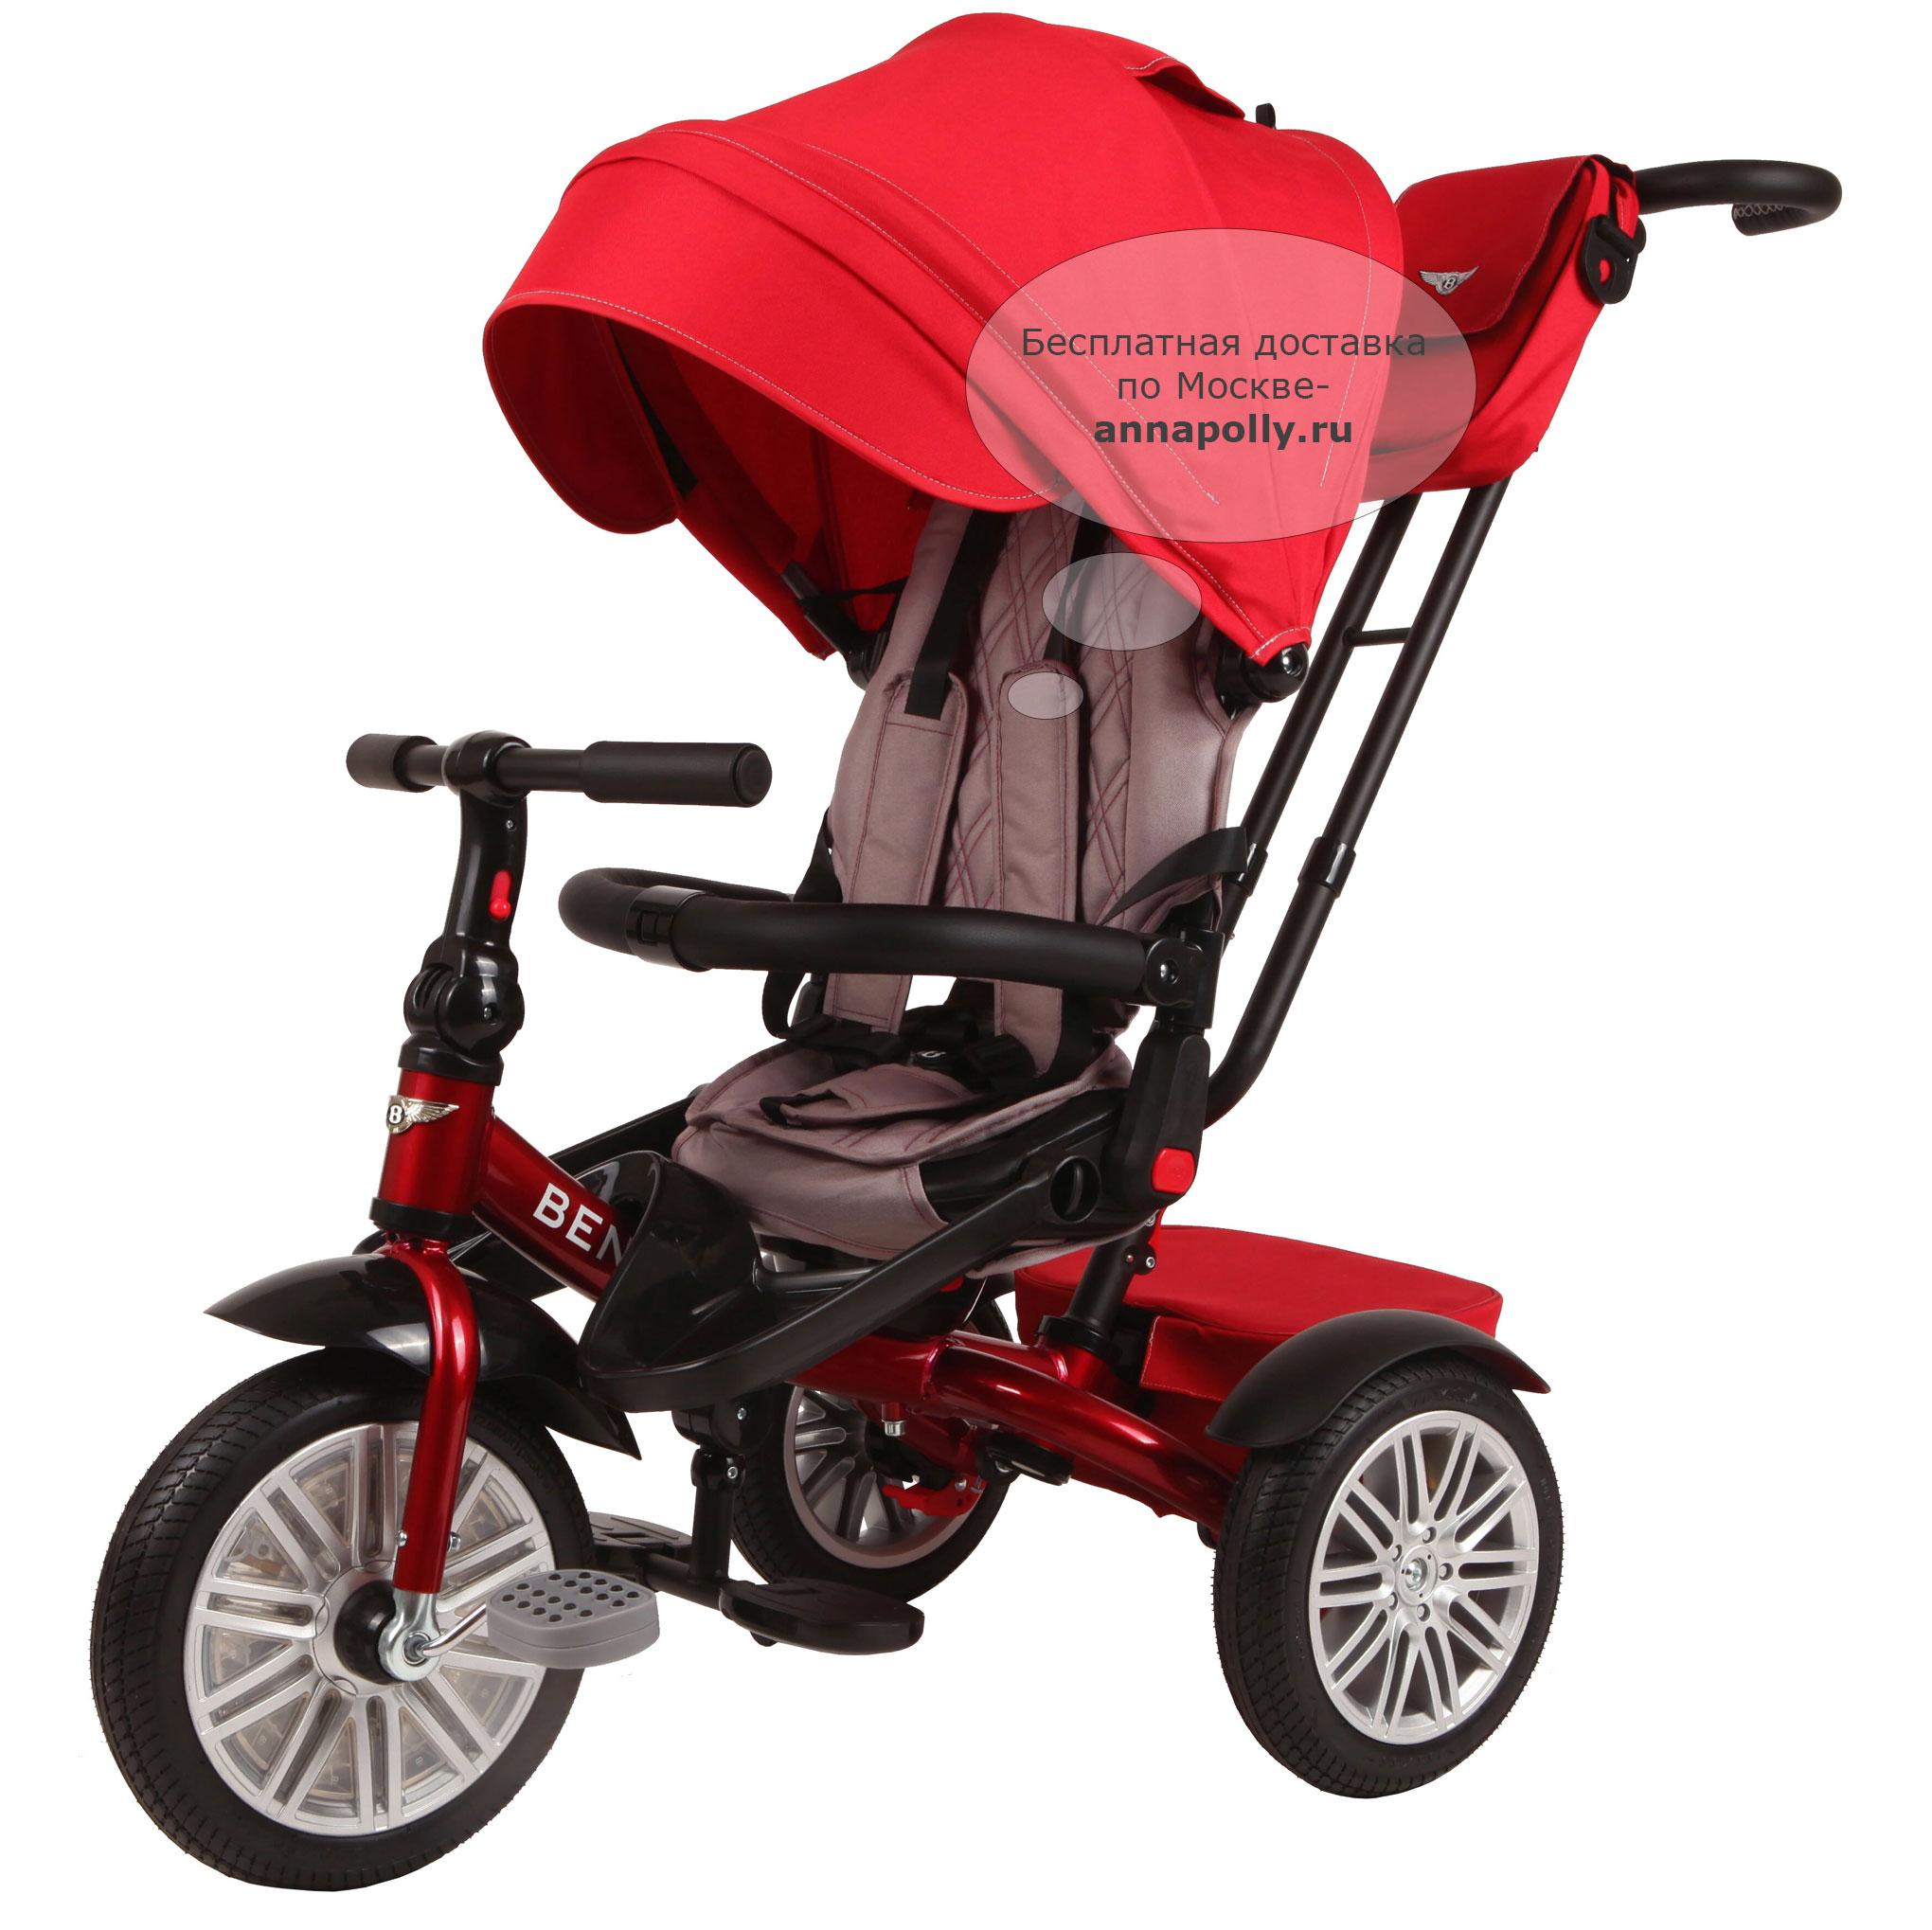 Купить детский велосипед в череповце